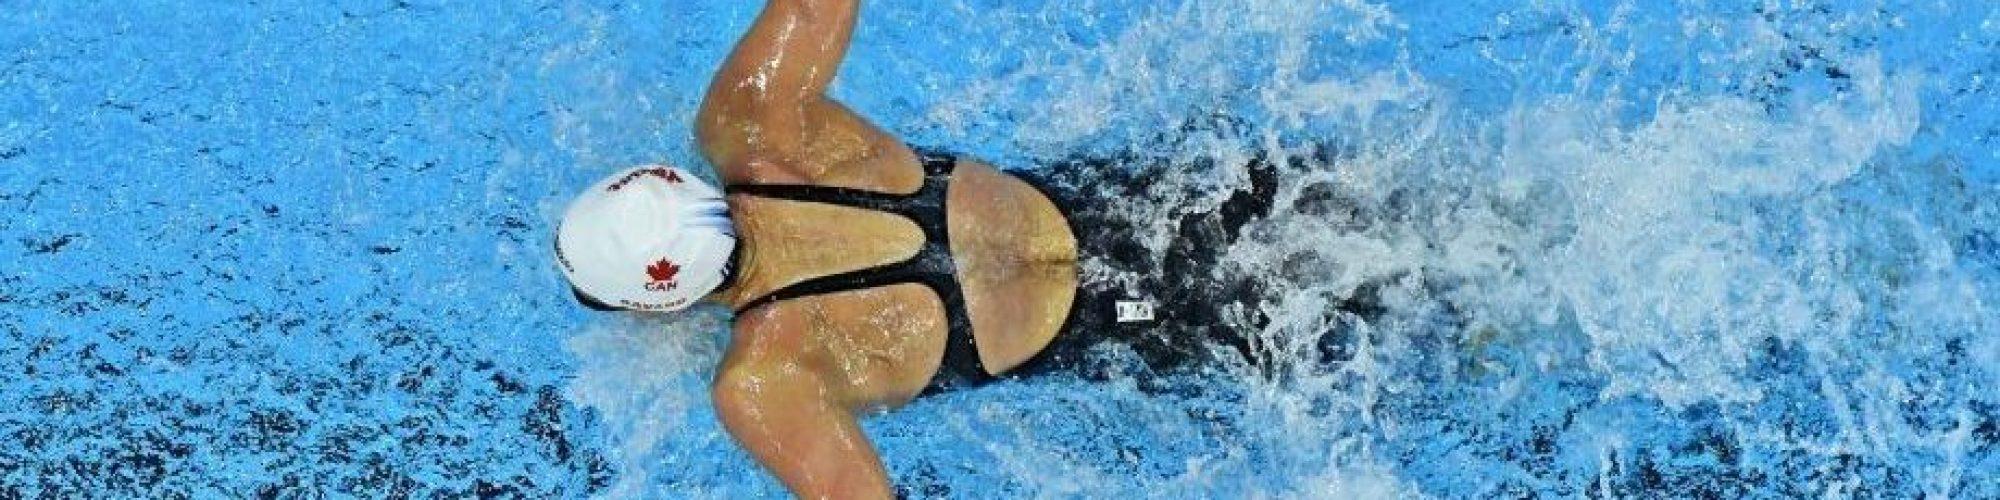 Gian Mattia D'Alberto / lapresse 08-12-2016 Windsor (Canada) sport 13mi Campionati del mondo di nuoto (25mt) nella foto: Katerine Savard CAN  Gian Mattia D'Alberto  / lapresse 08-12-2016 Windsor (Canada) 13th FINA World Swimming Championships (25m) in the photo: Katerine Savard CAN